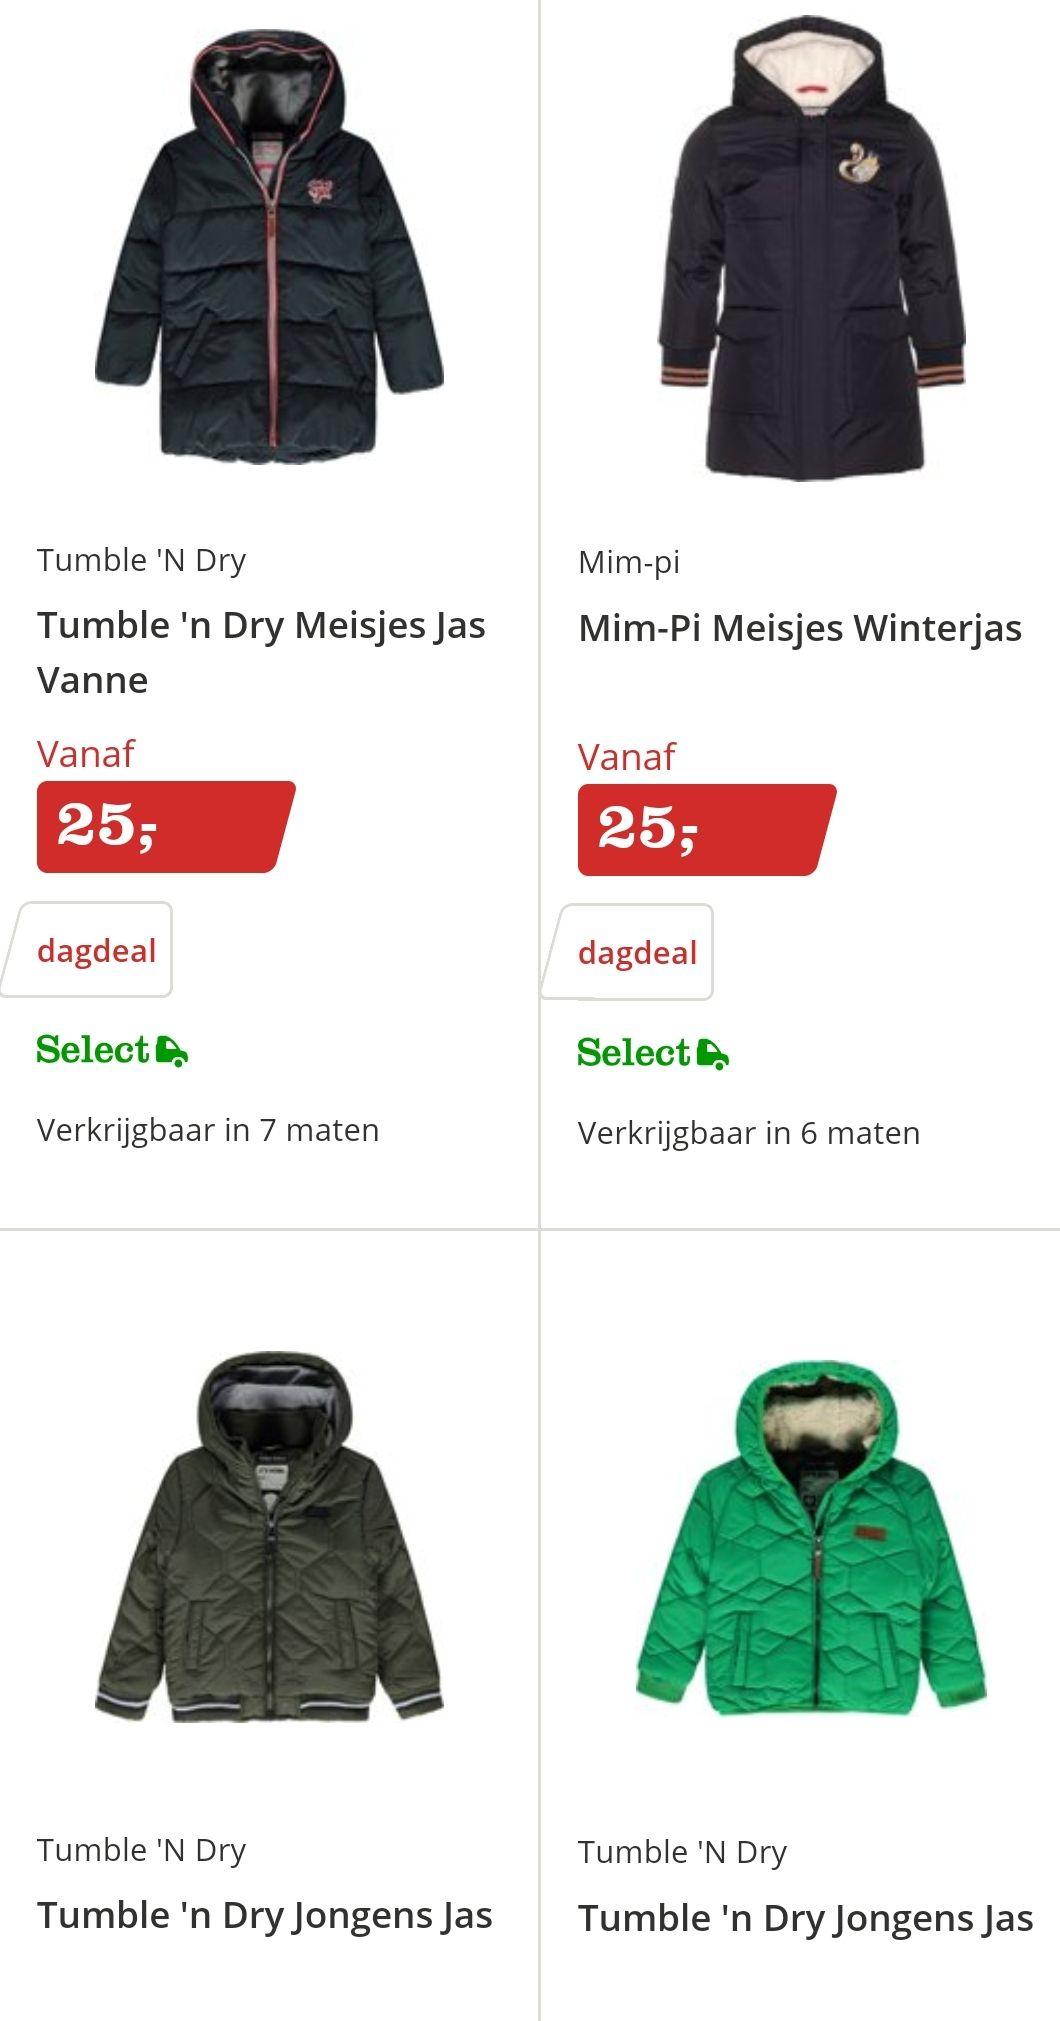 Kinder winterjassen voor €25,- bij Bol.com en gratis verzending (dagdeal)